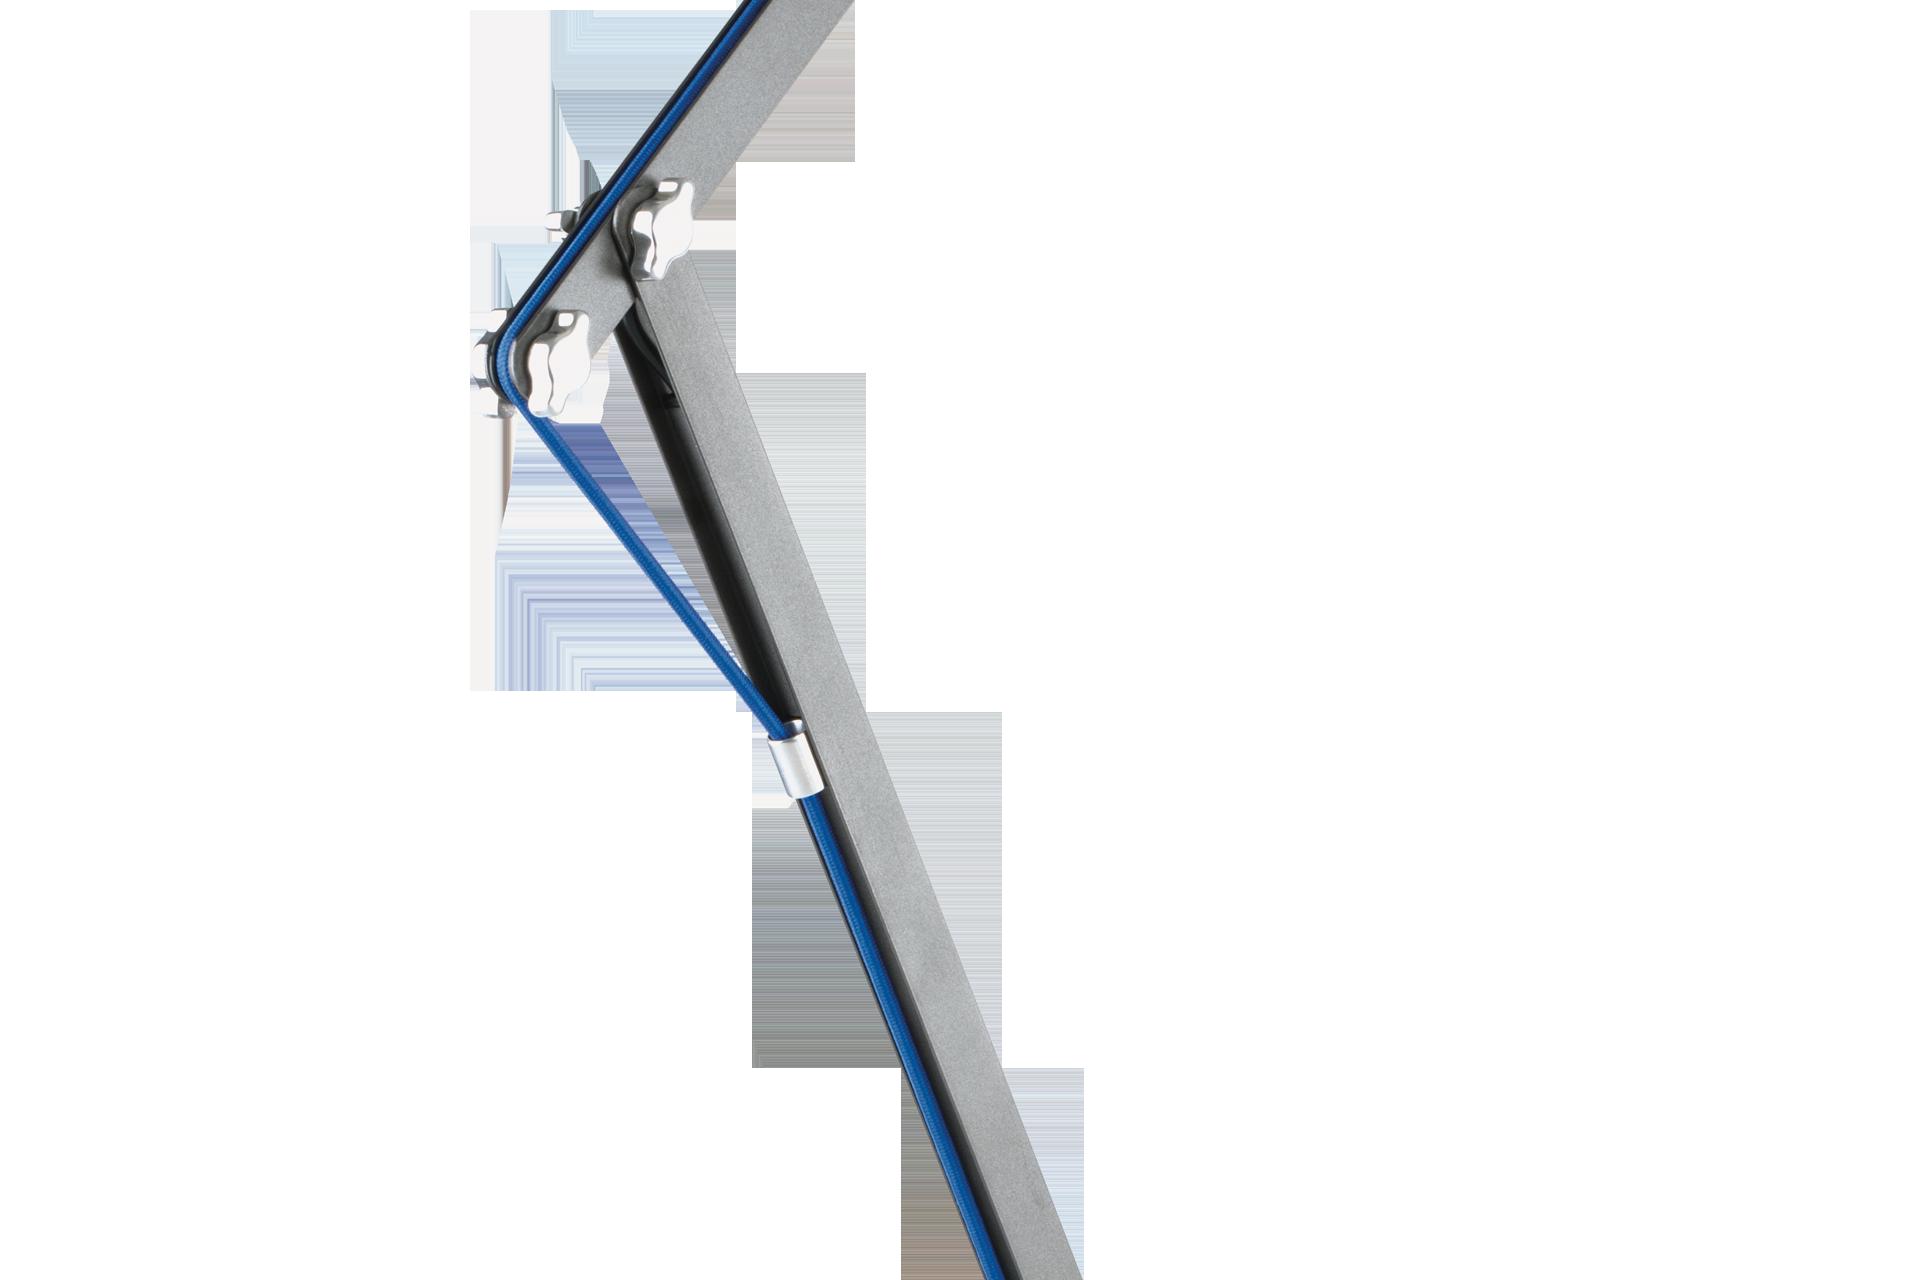 ottlite-reach-crane-lamp-tension-cord